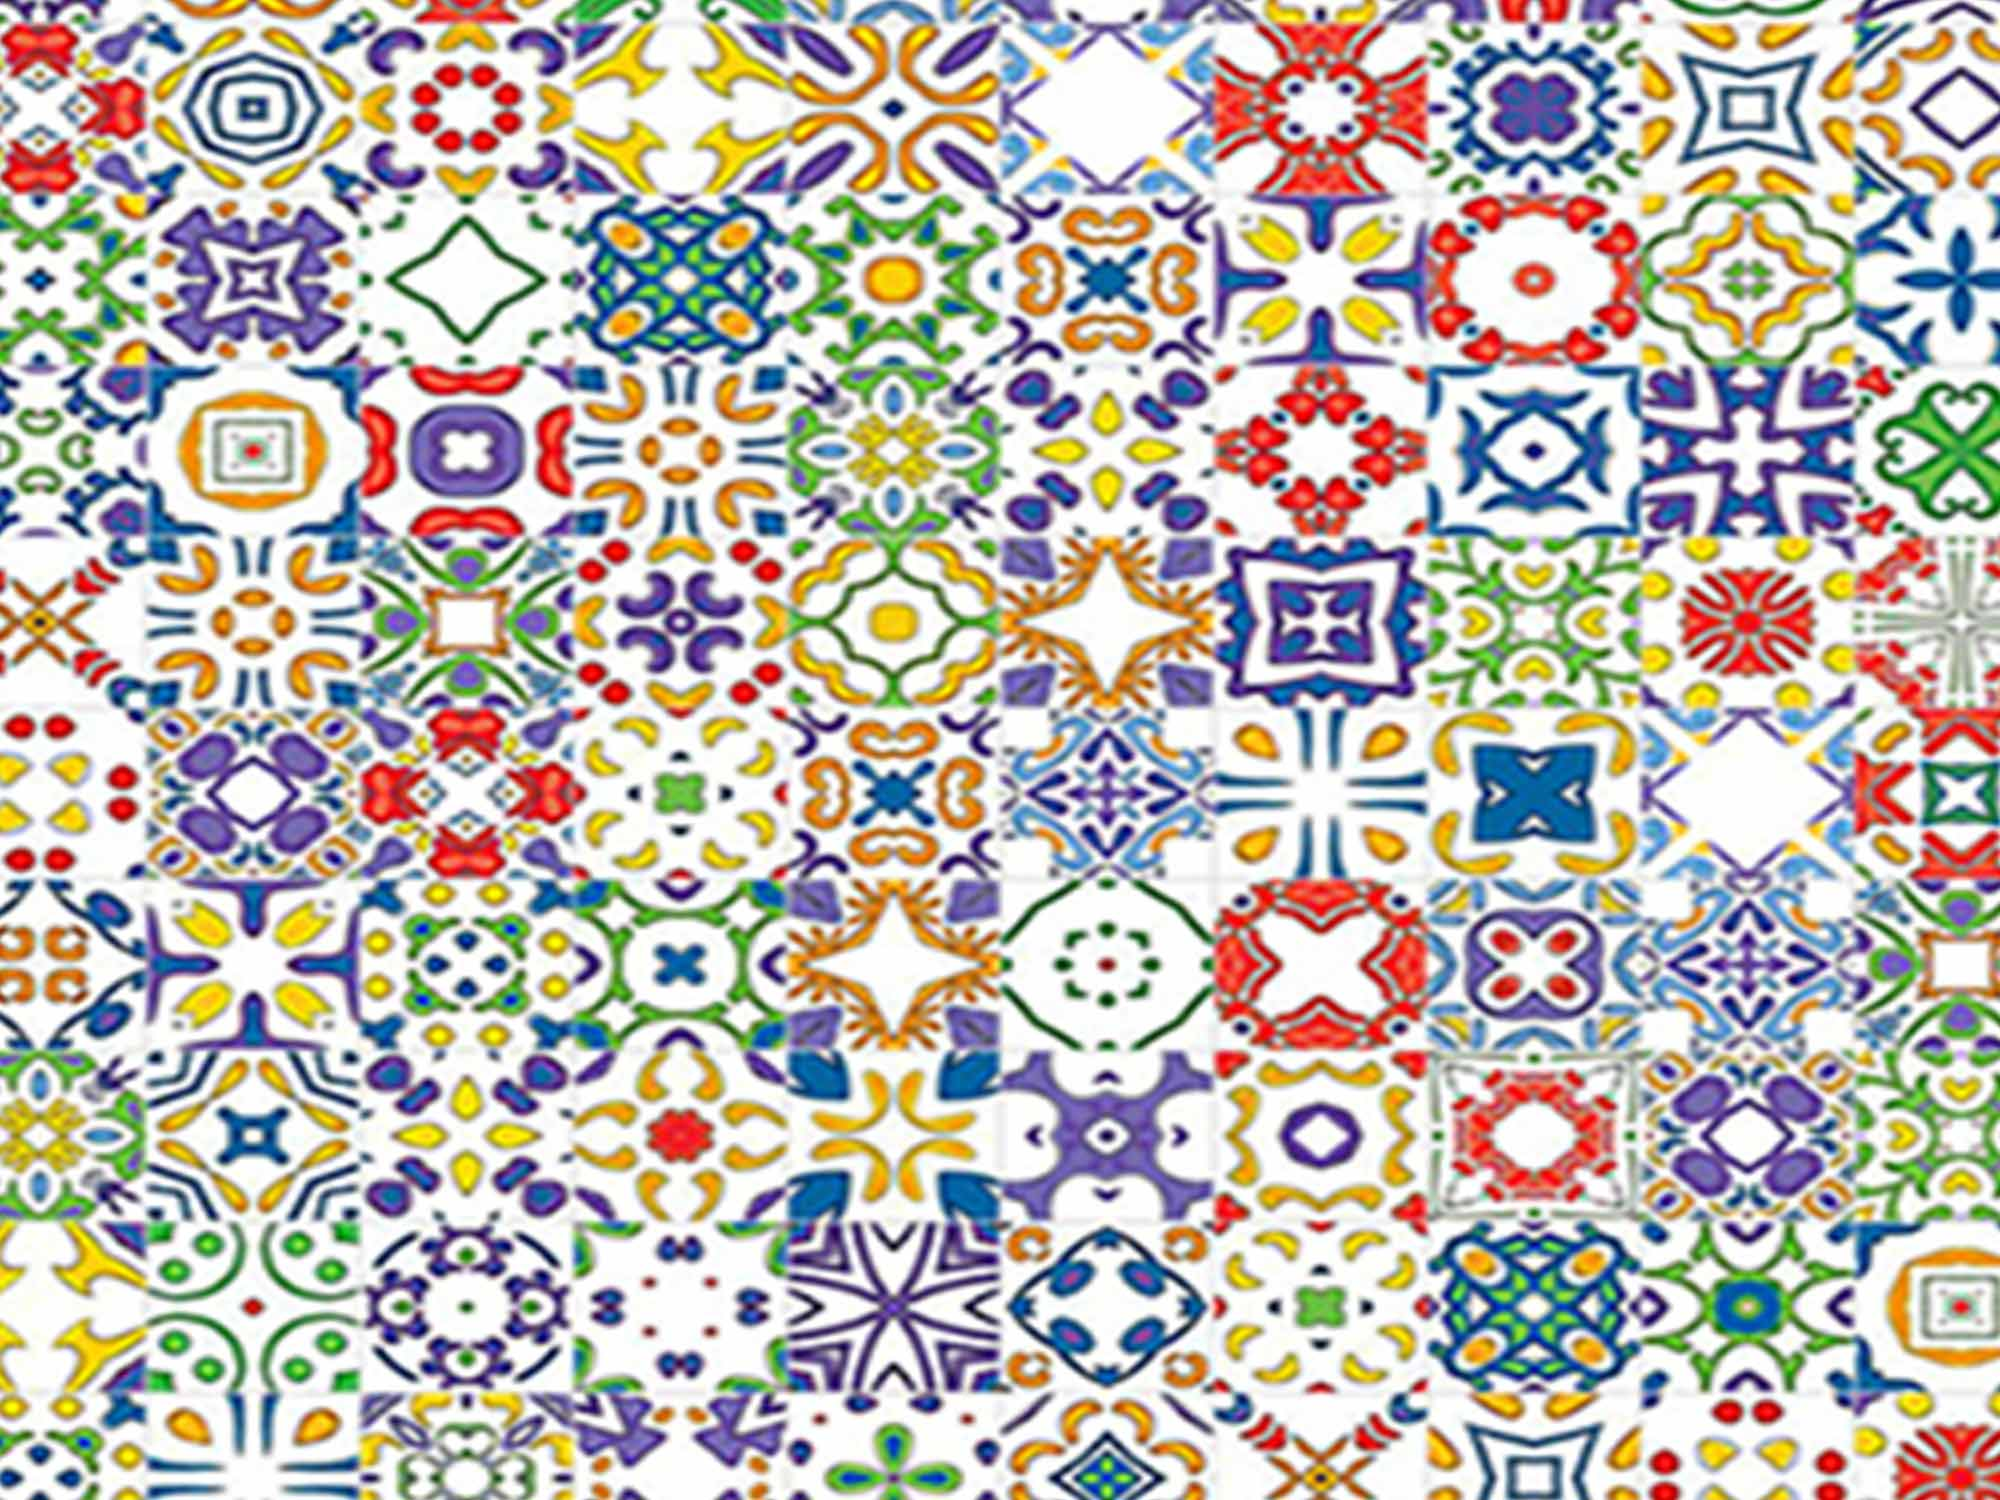 Papel de Parede para Cozinha Azulejos 0020 - Adesivos de Parede  - Paredes Decoradas